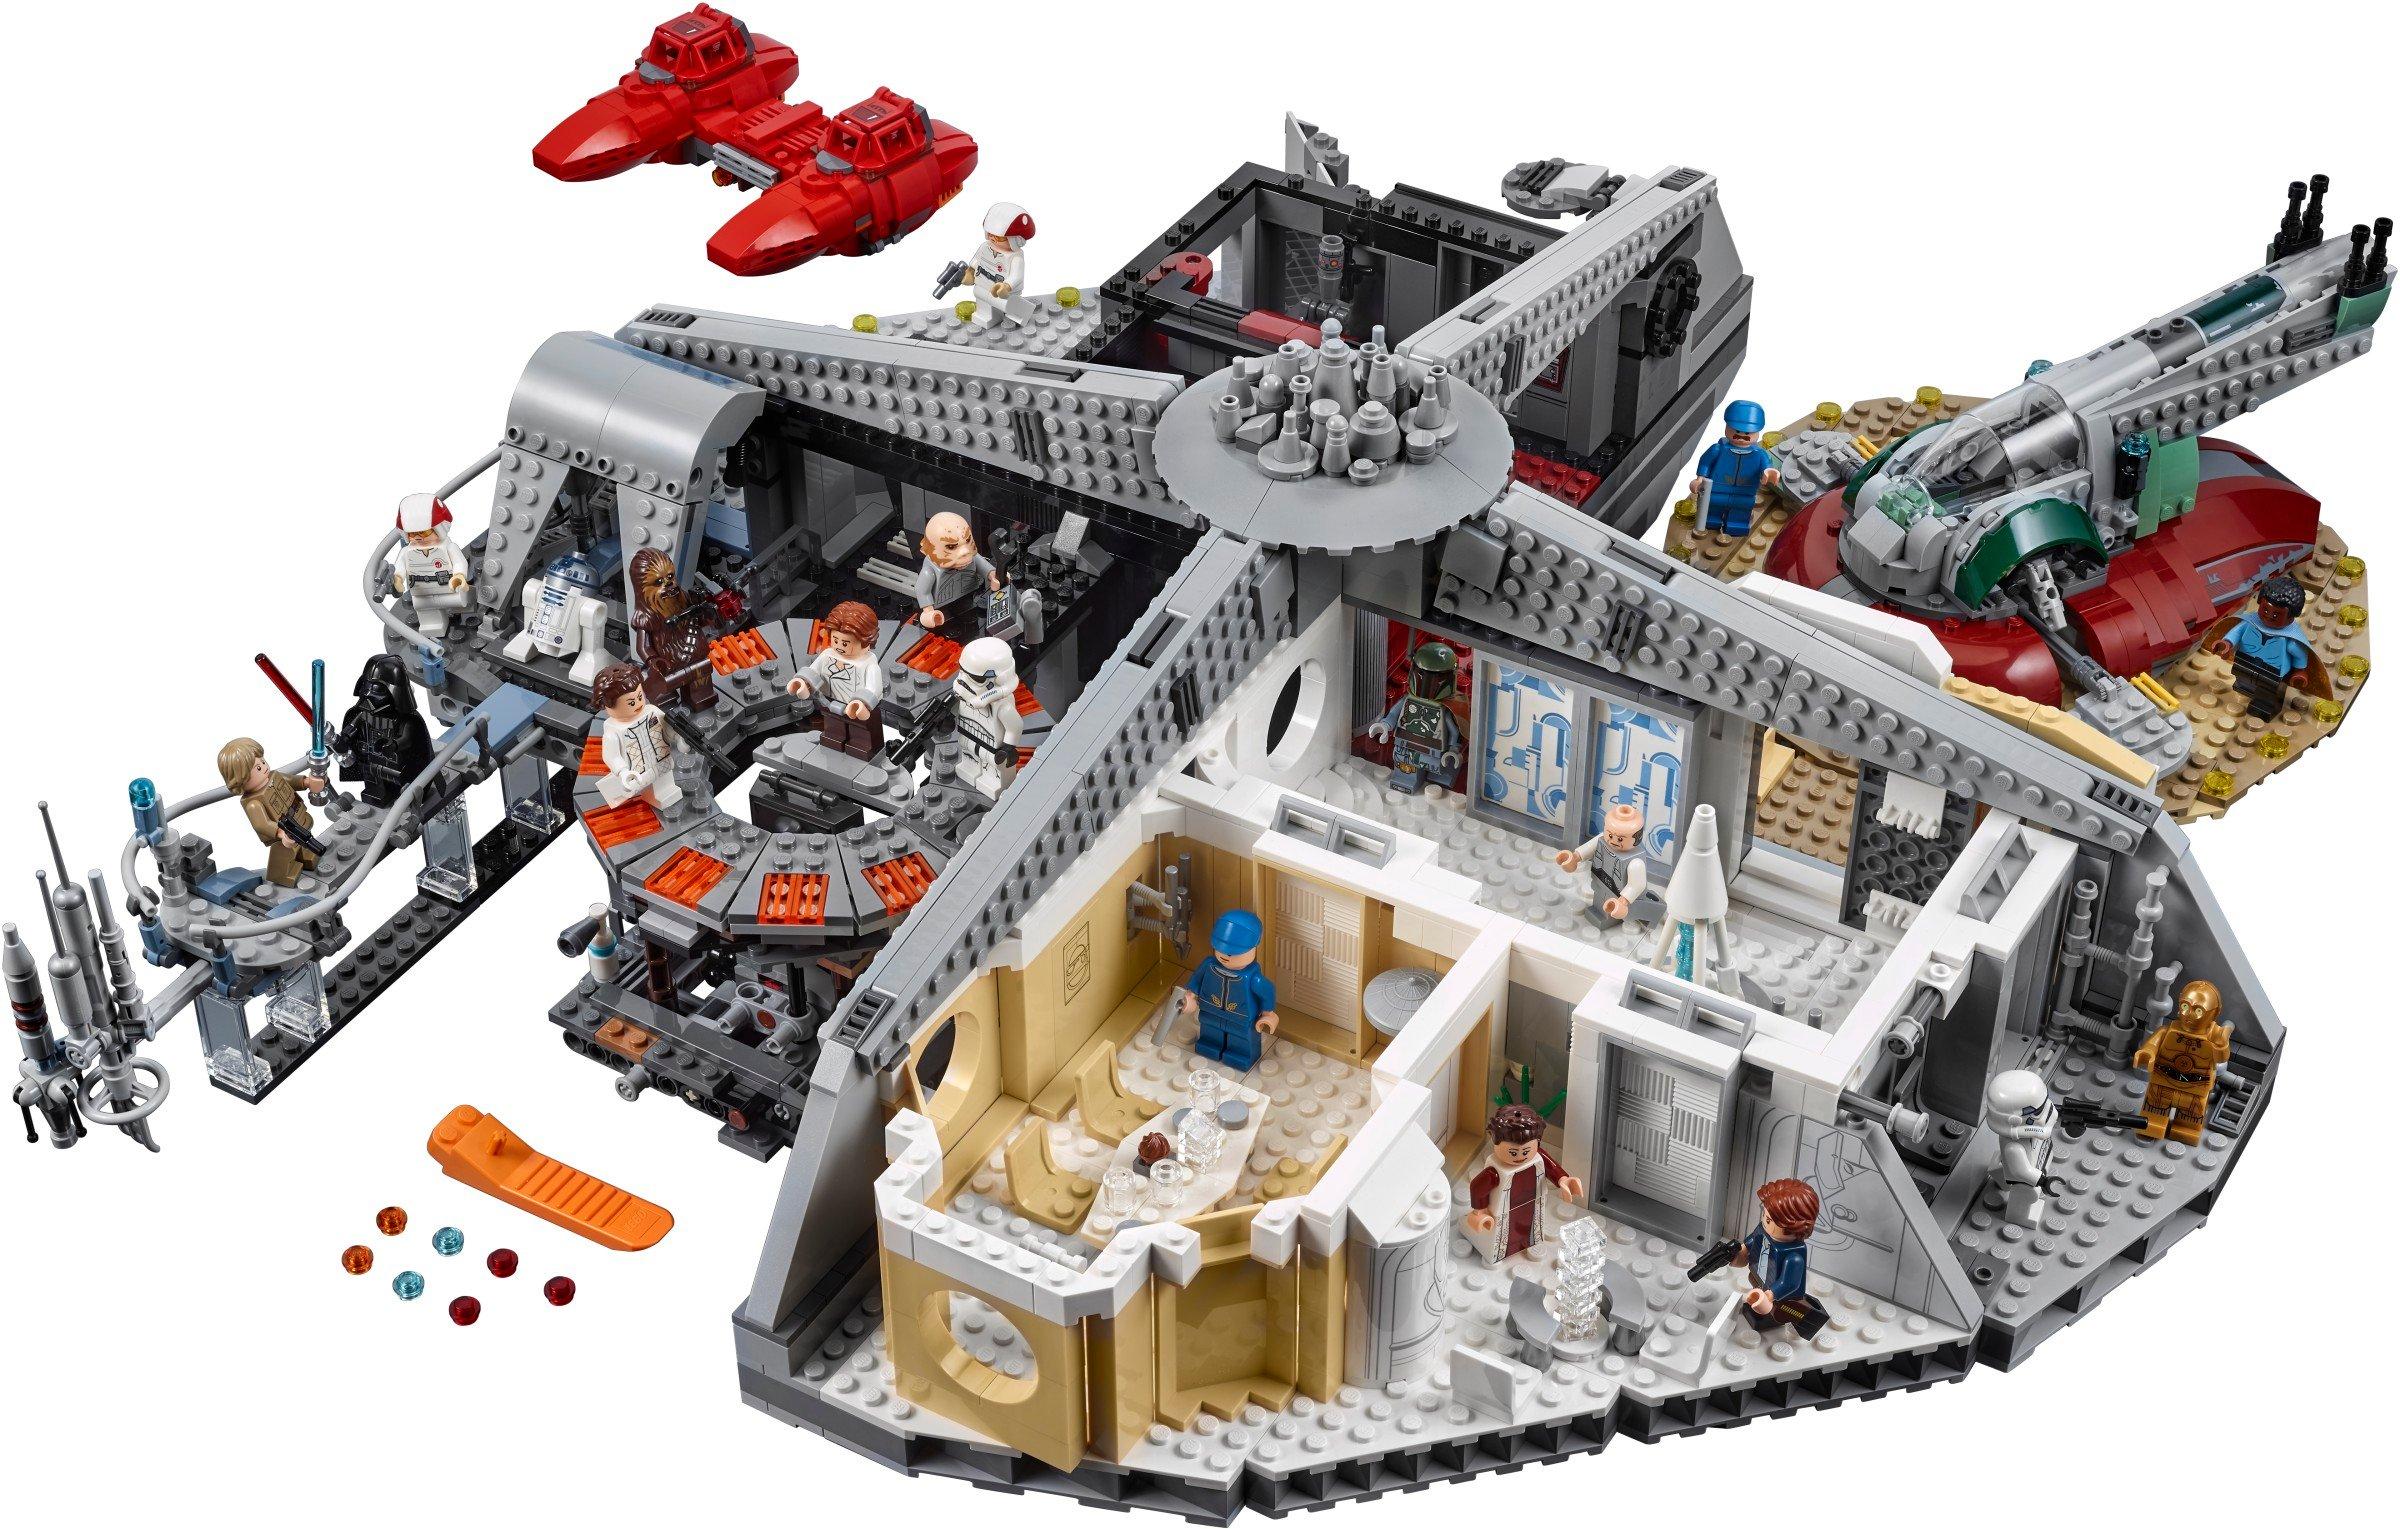 Kaufe LEGO Star Wars - Betrayal at Cloud City (75222)